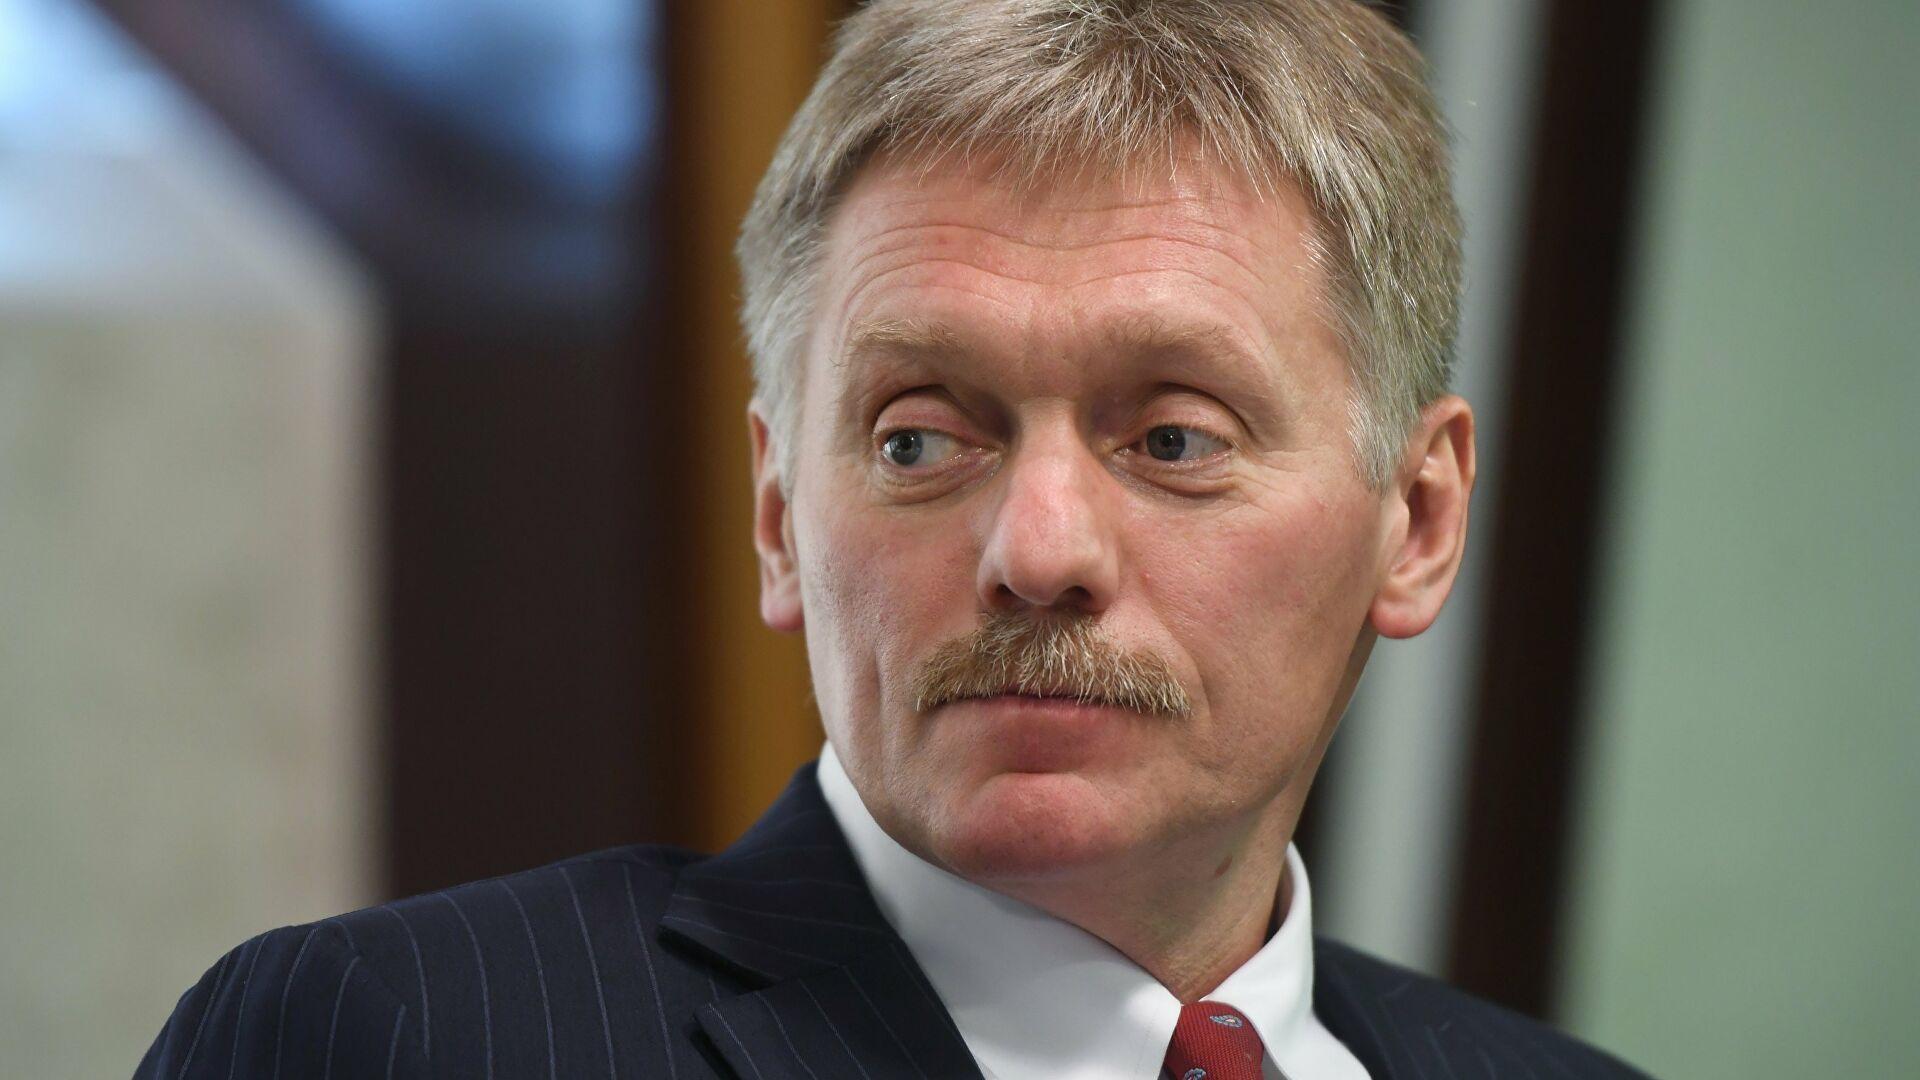 Песков: Америчкој администрацији остало мало времена како би ревидирала своју одлуку по питању Споразума о отвореном небу